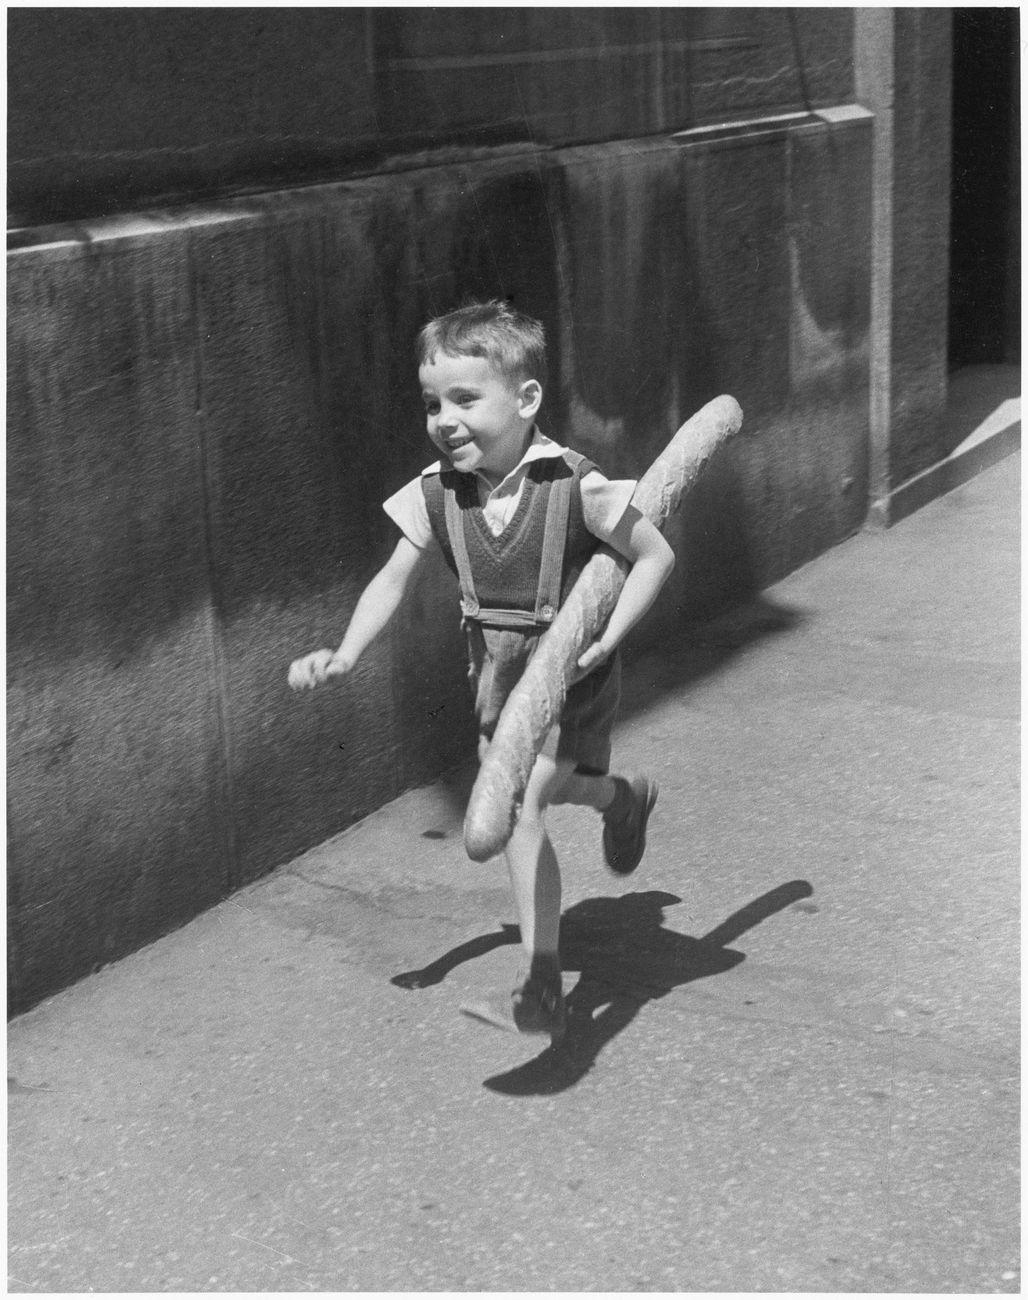 Willy Ronis, Le Petit Parisien, 1952. Ministère de la Culture - Médiathèque de l'architecture et du patrimoine - Dist RMN-GP © Donation Willy Ronis